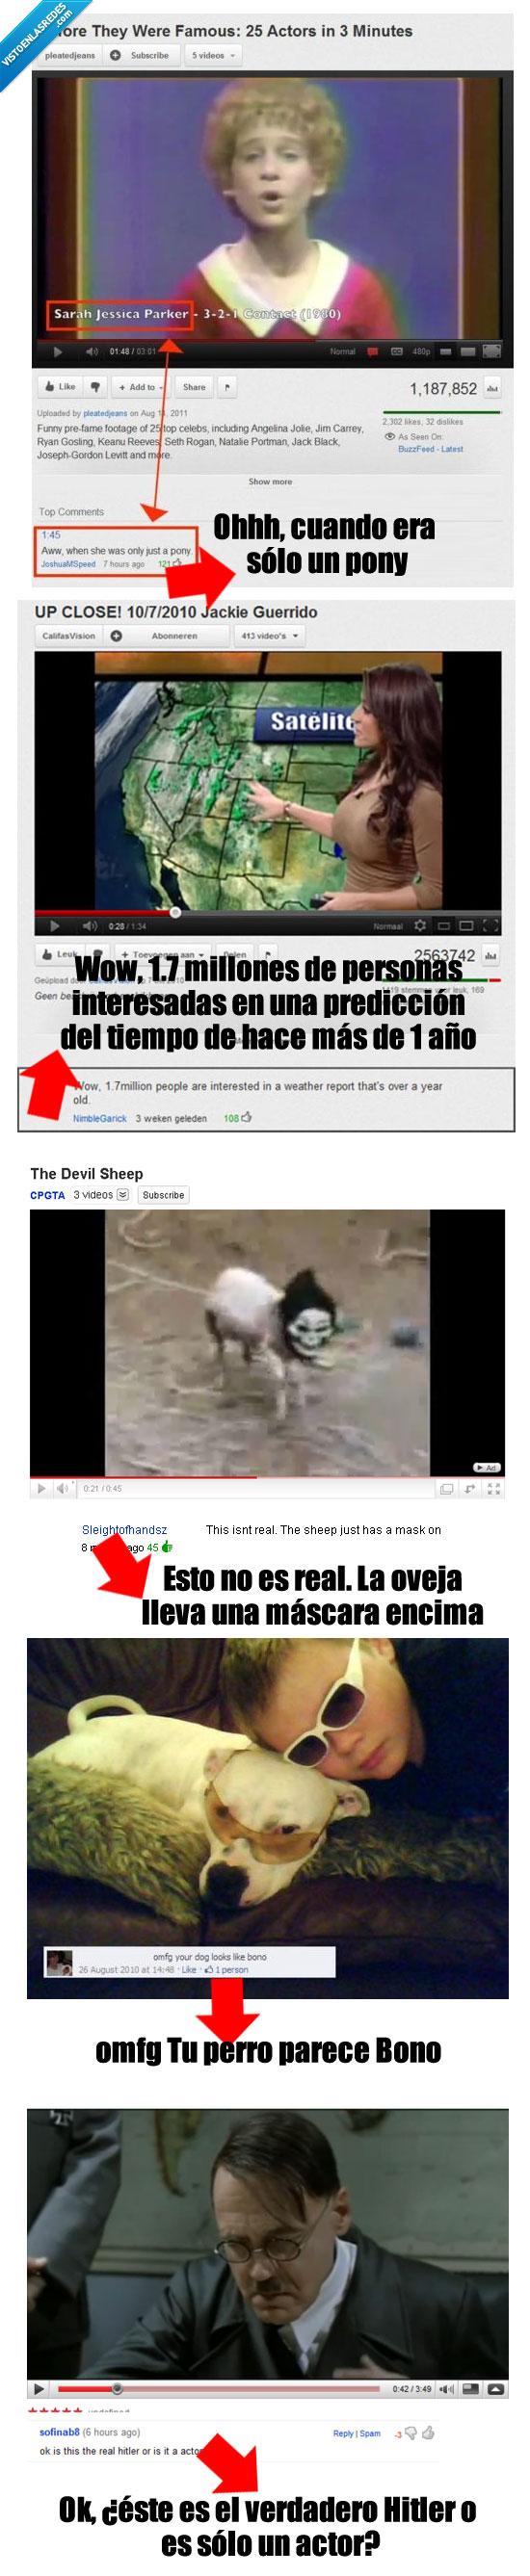 comentarios,fail,tontos,vídeos,wtf,youtube